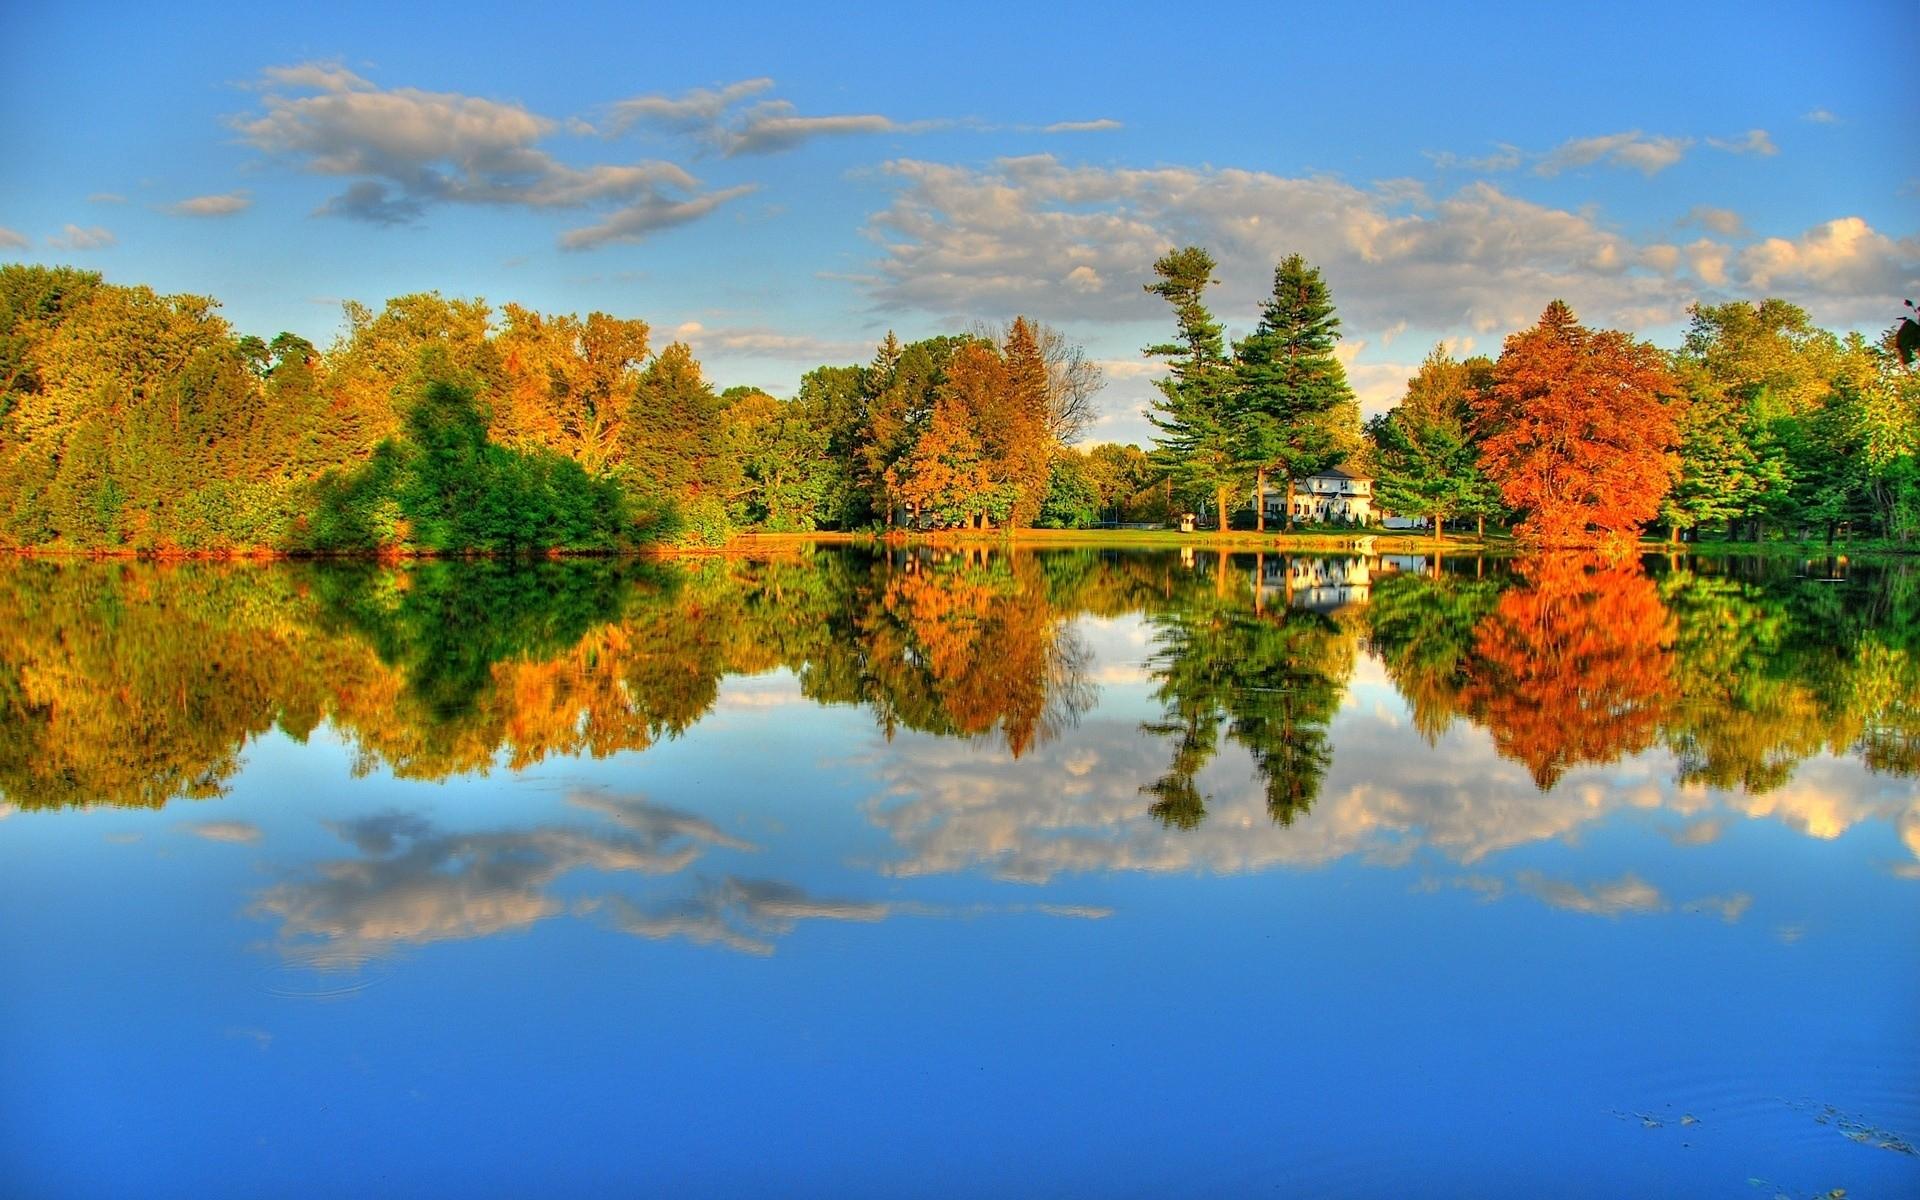 красивые картинки про осень на рабочий стол что